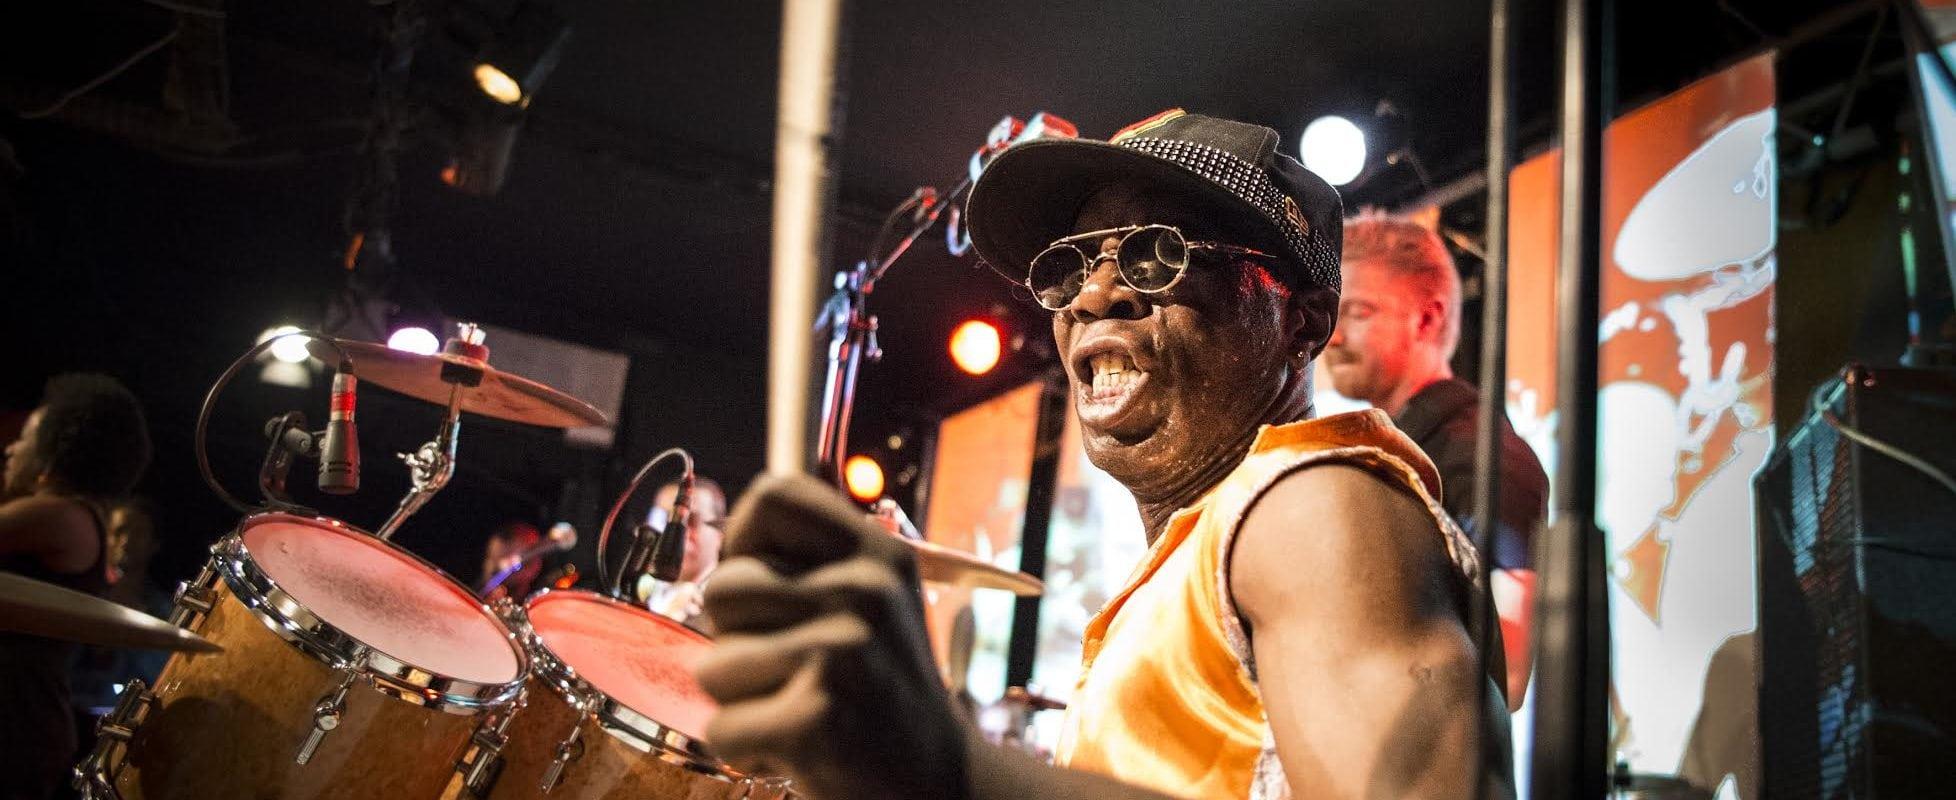 Pointures, éclectisme et découvertes à Jazz au Cam